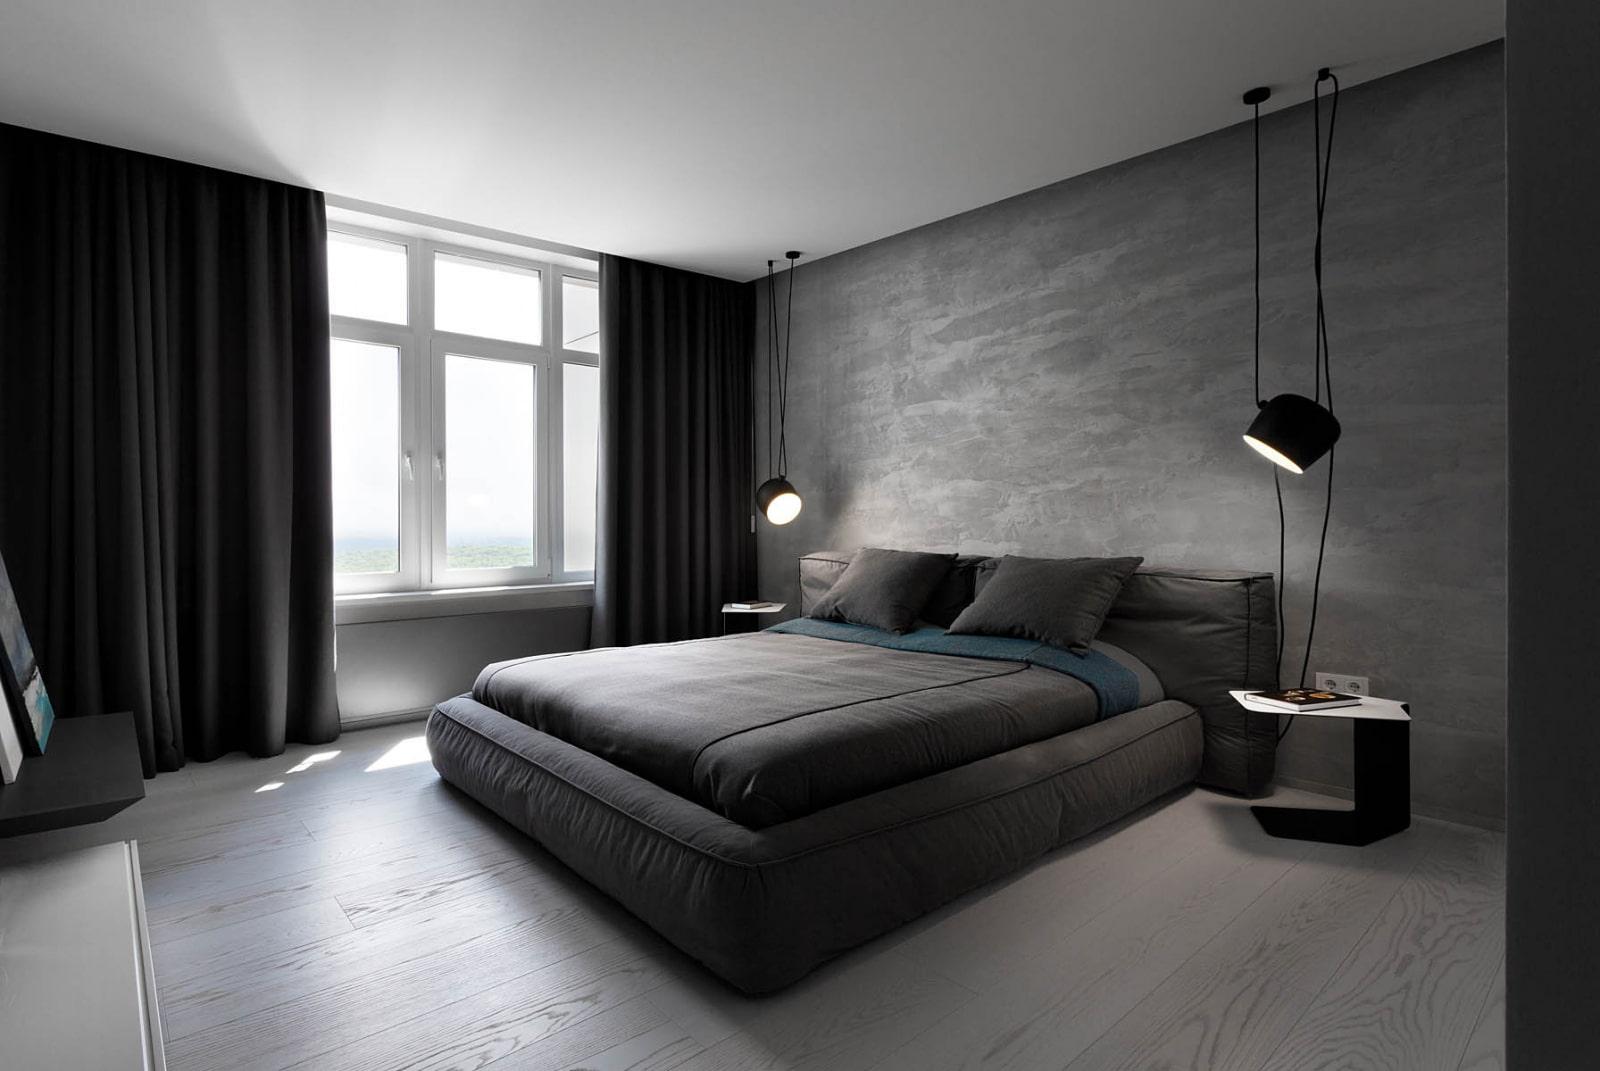 этом мастер фото дизайна спальни мужчины аксессуар